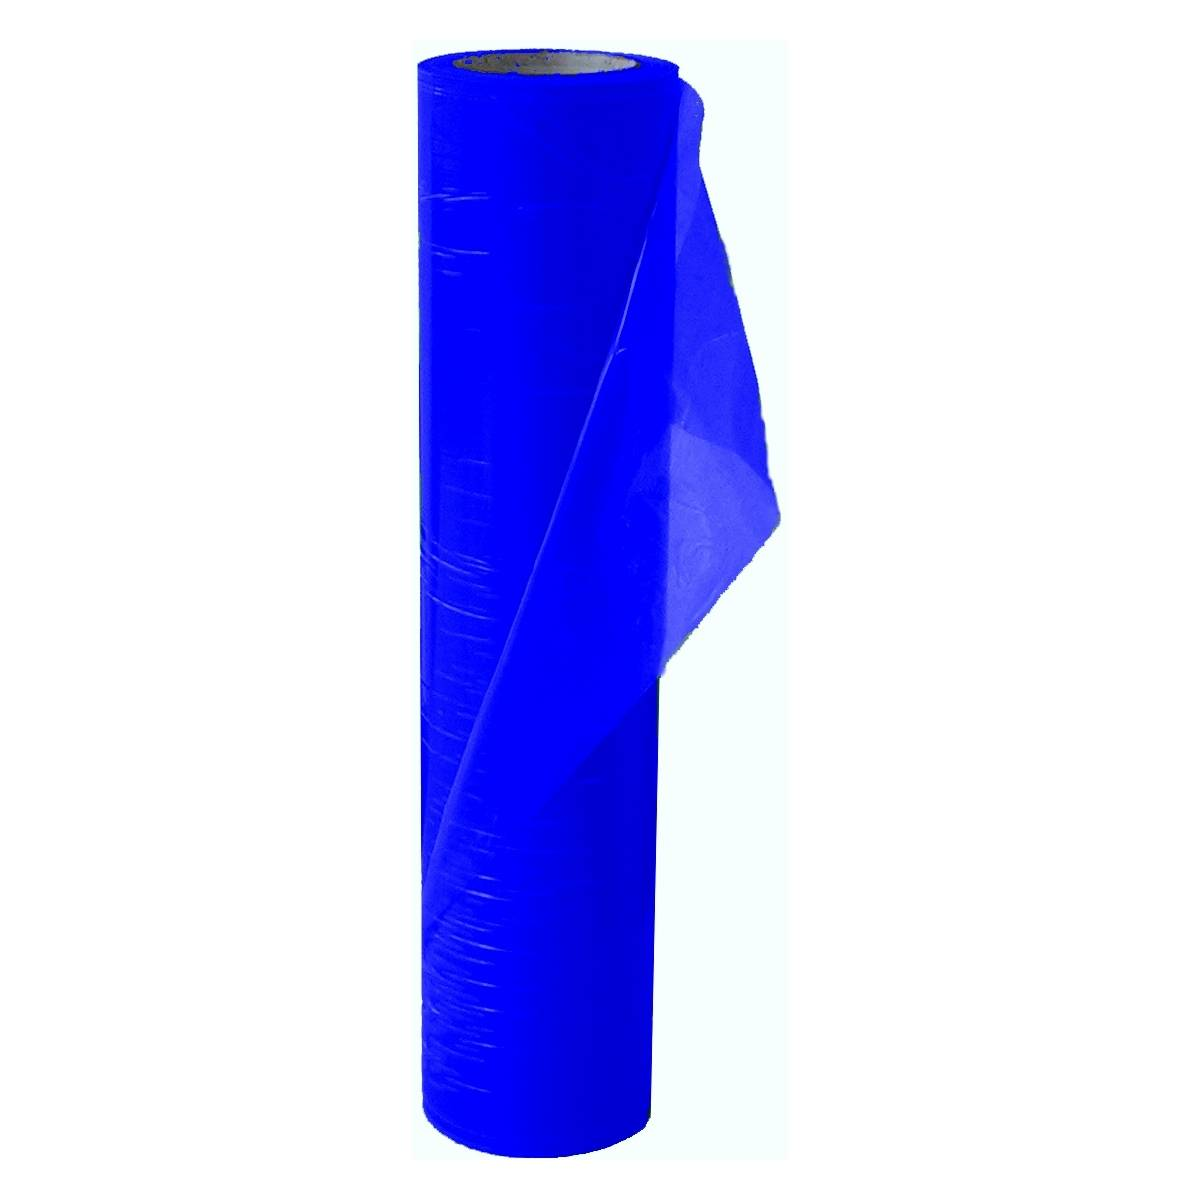 PE-Schutzfolie (Glasschutzfolie) blau 500 mm x 100 / Rolle